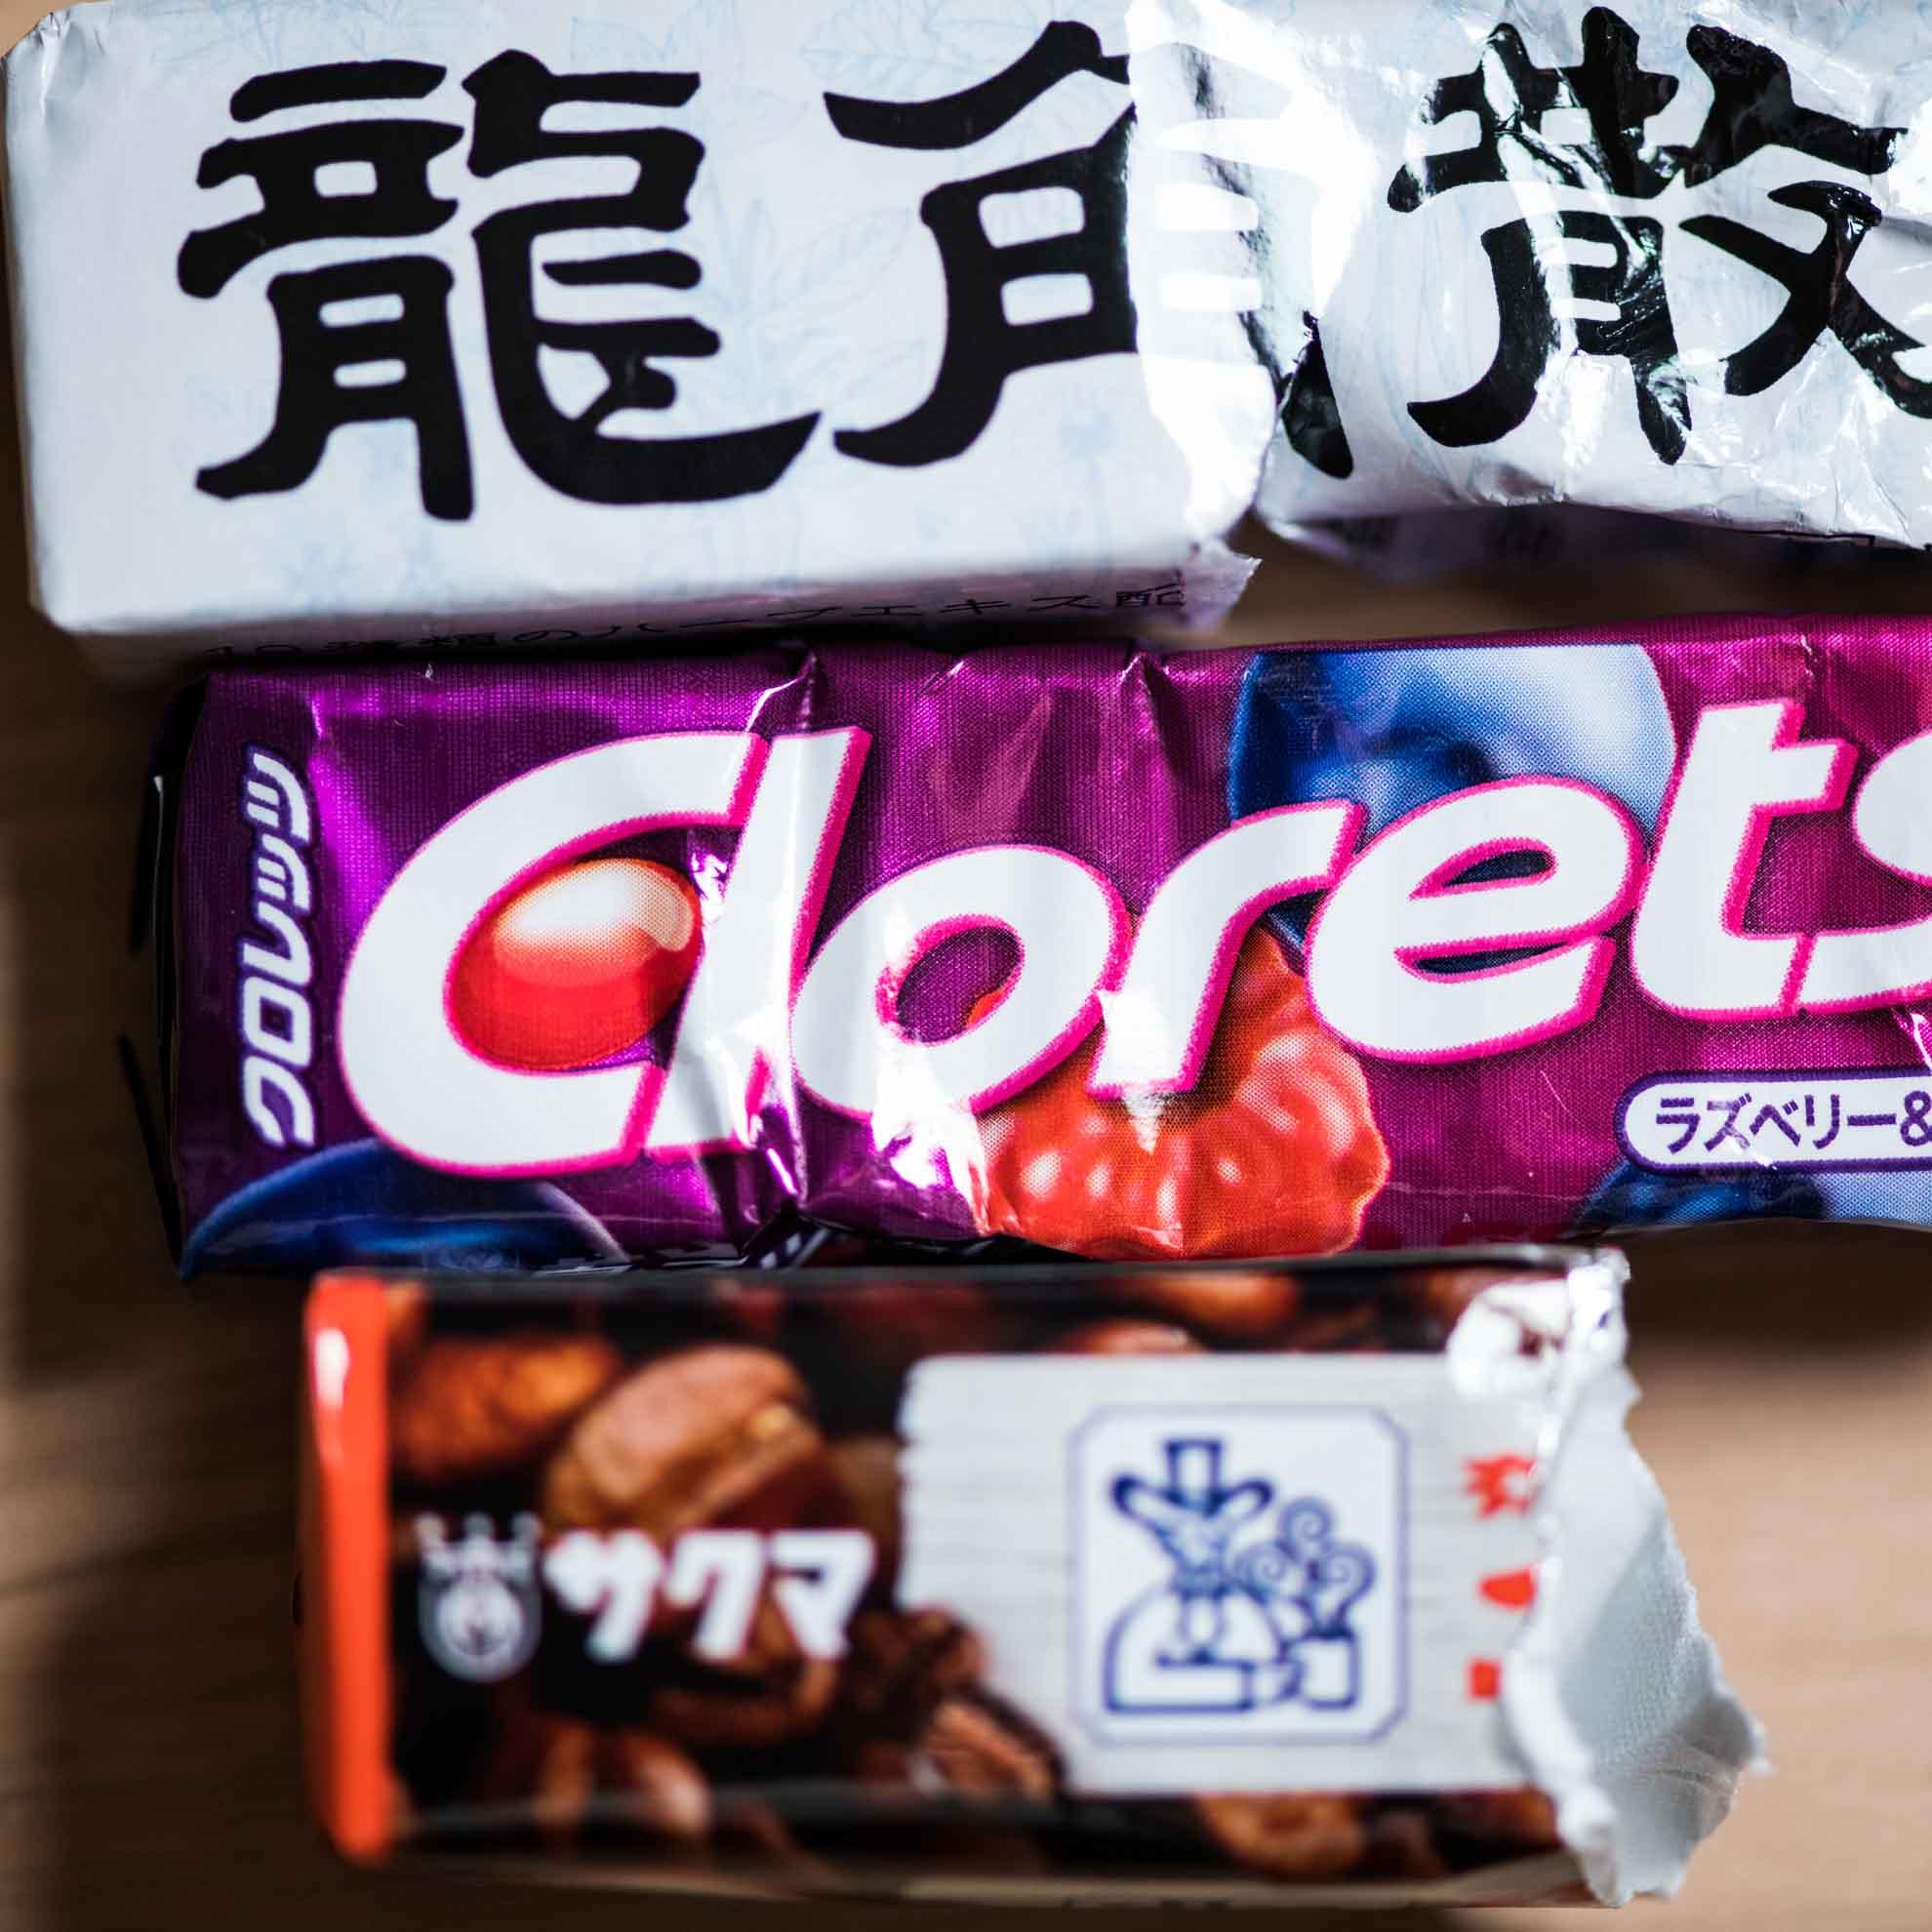 続【11週目】カロリー制限(2,000kcal)ダイエット 〜夏は汗かくからやっぱ痩せやすい〜